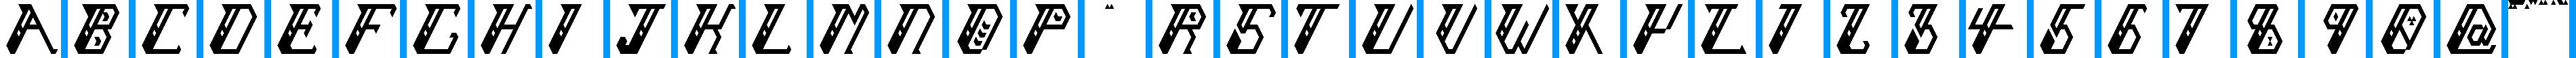 Particip-a-type v.282